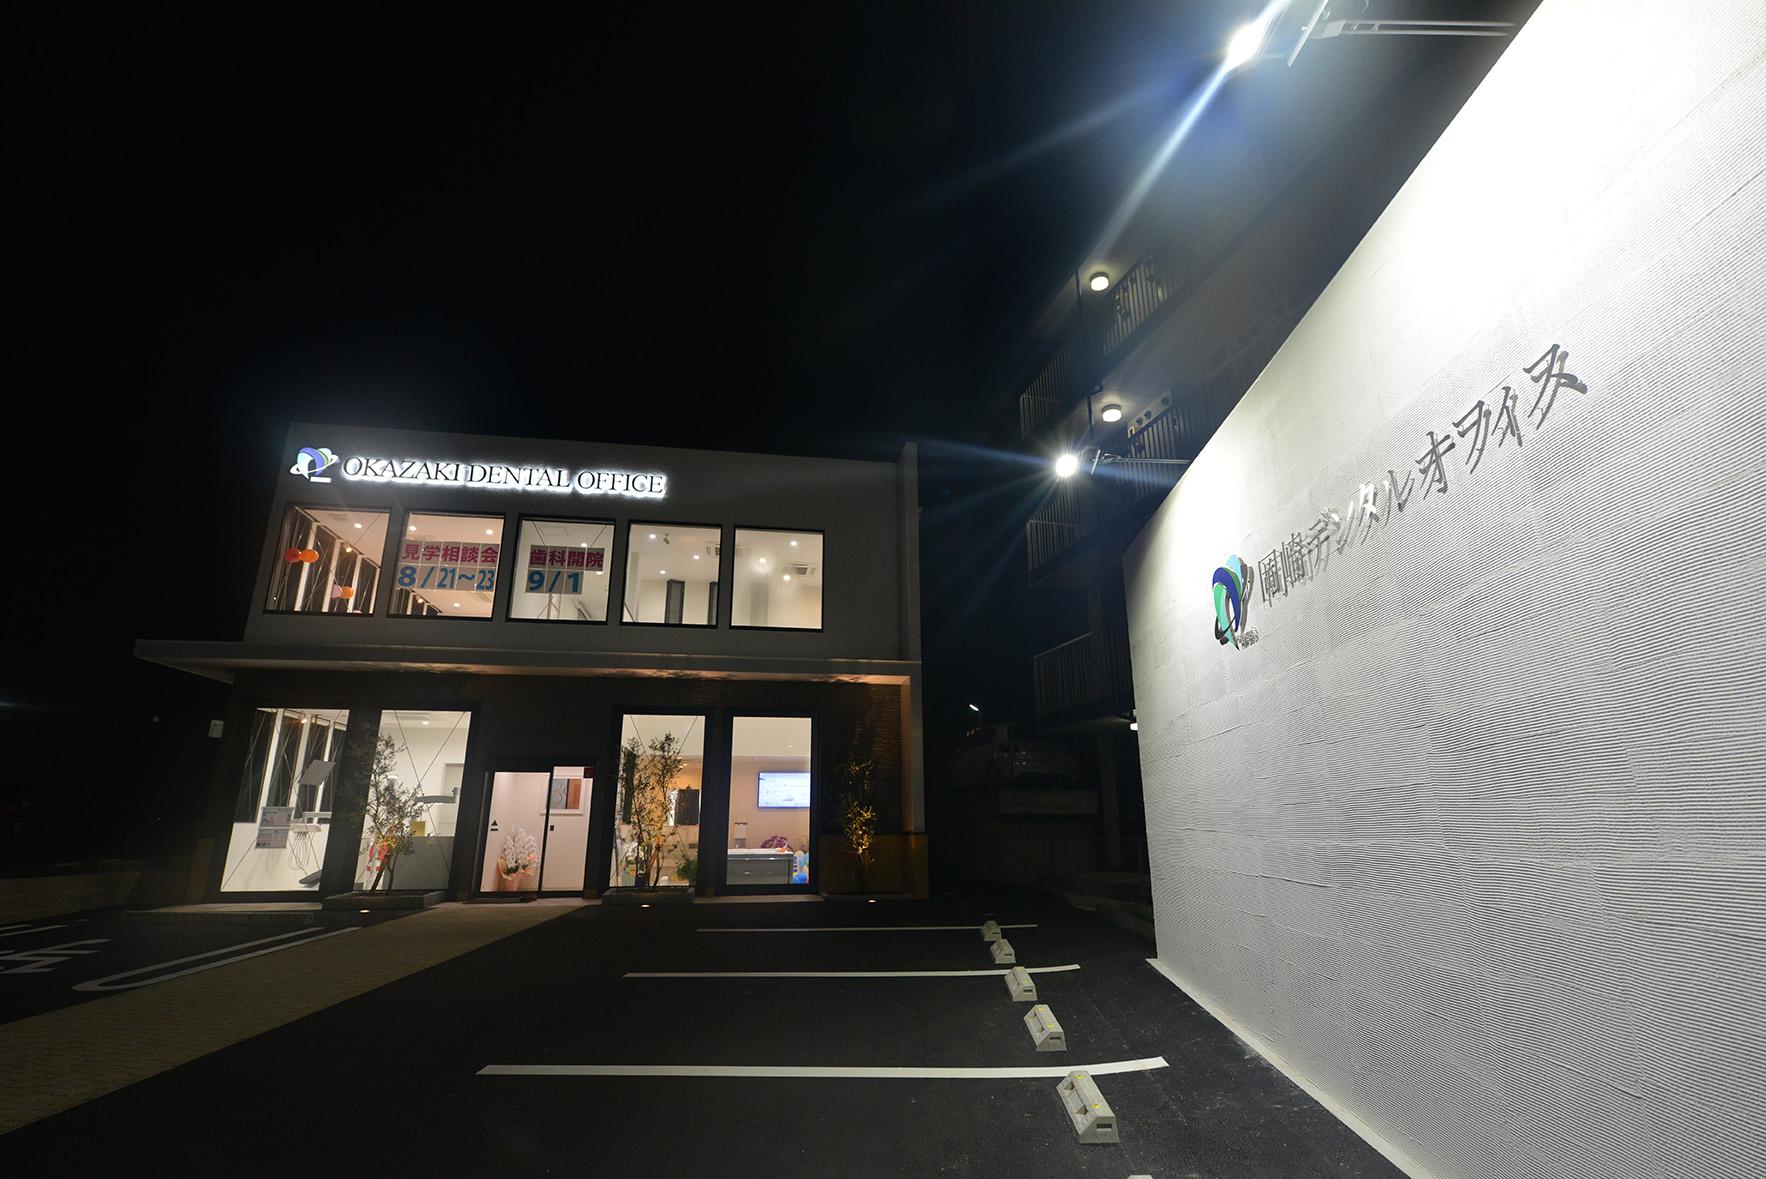 岡崎デンタルオフィスは保険診療も行っています。